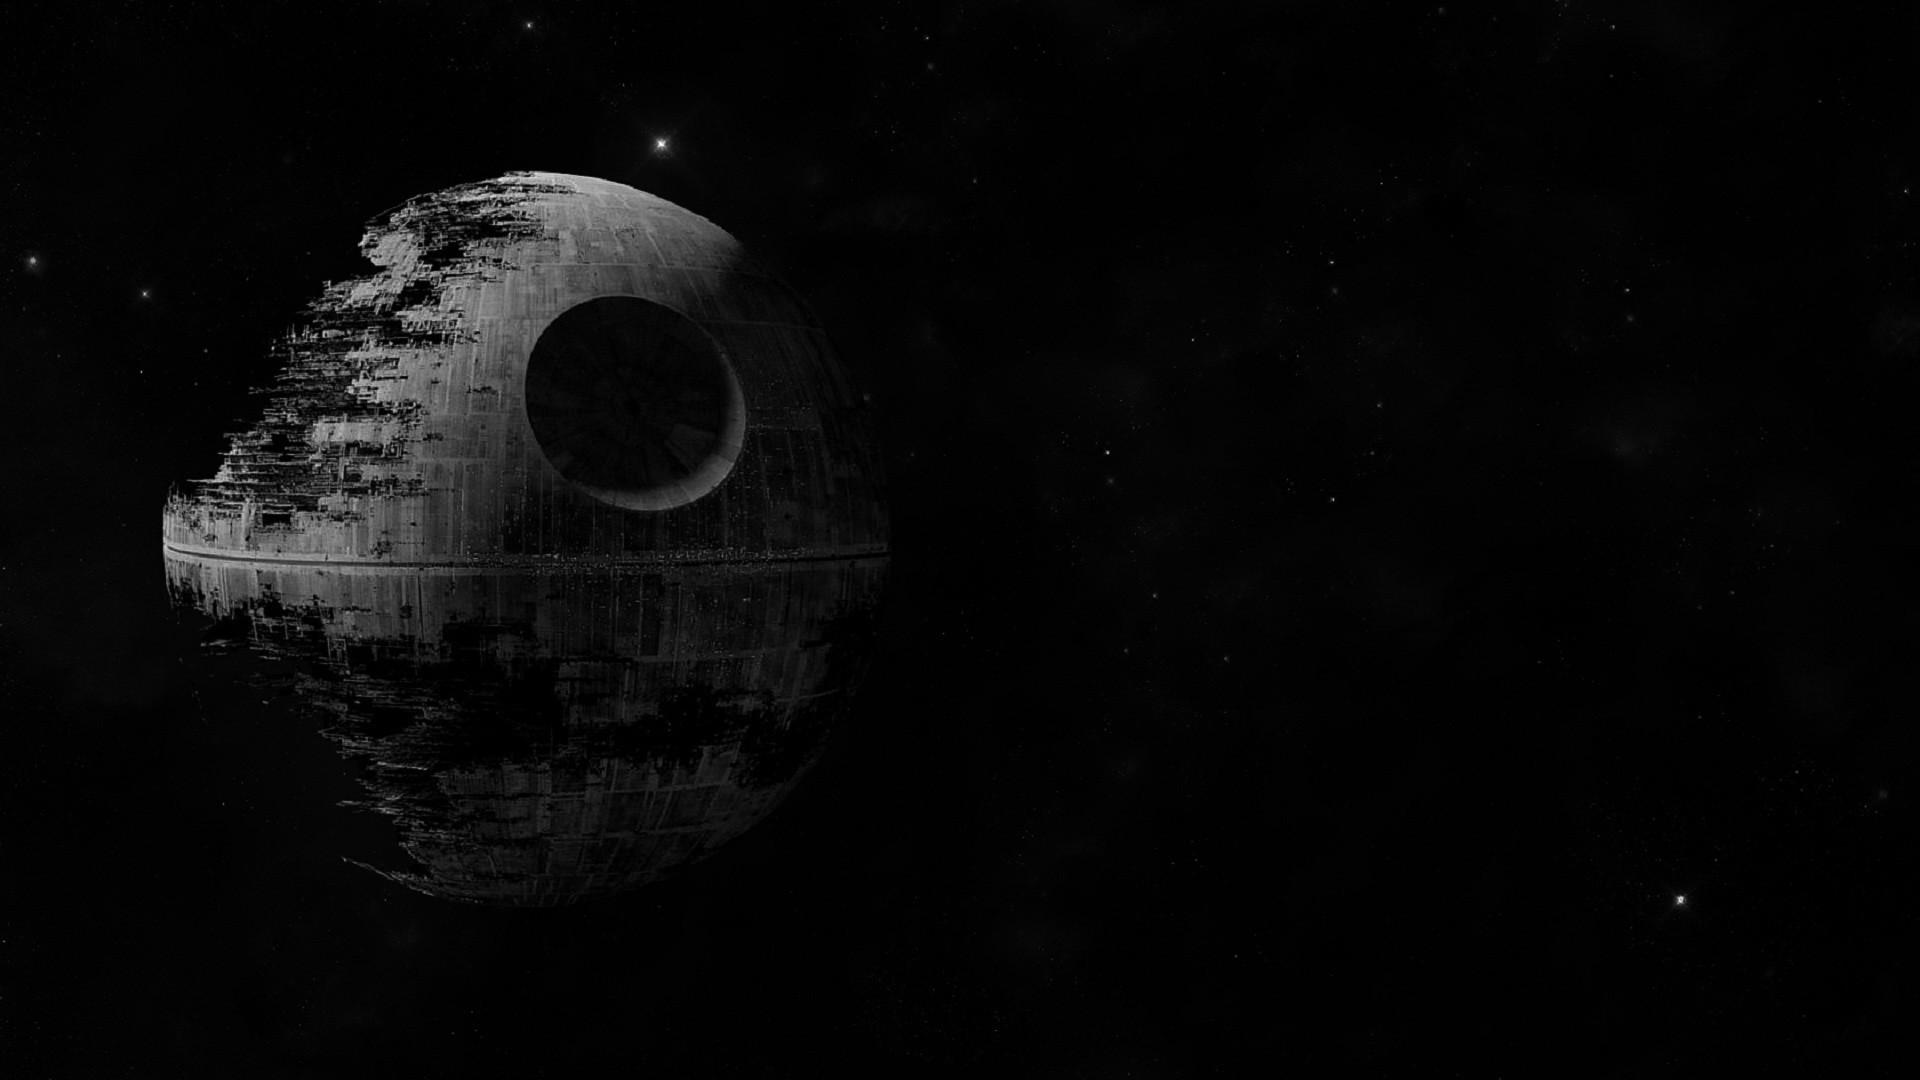 Wallpaper : Star Wars, digital art, night, planet, sky, Moon, moonlight, circle, science, universe, astronomy, Death Star, midnight, star, darkness, ...